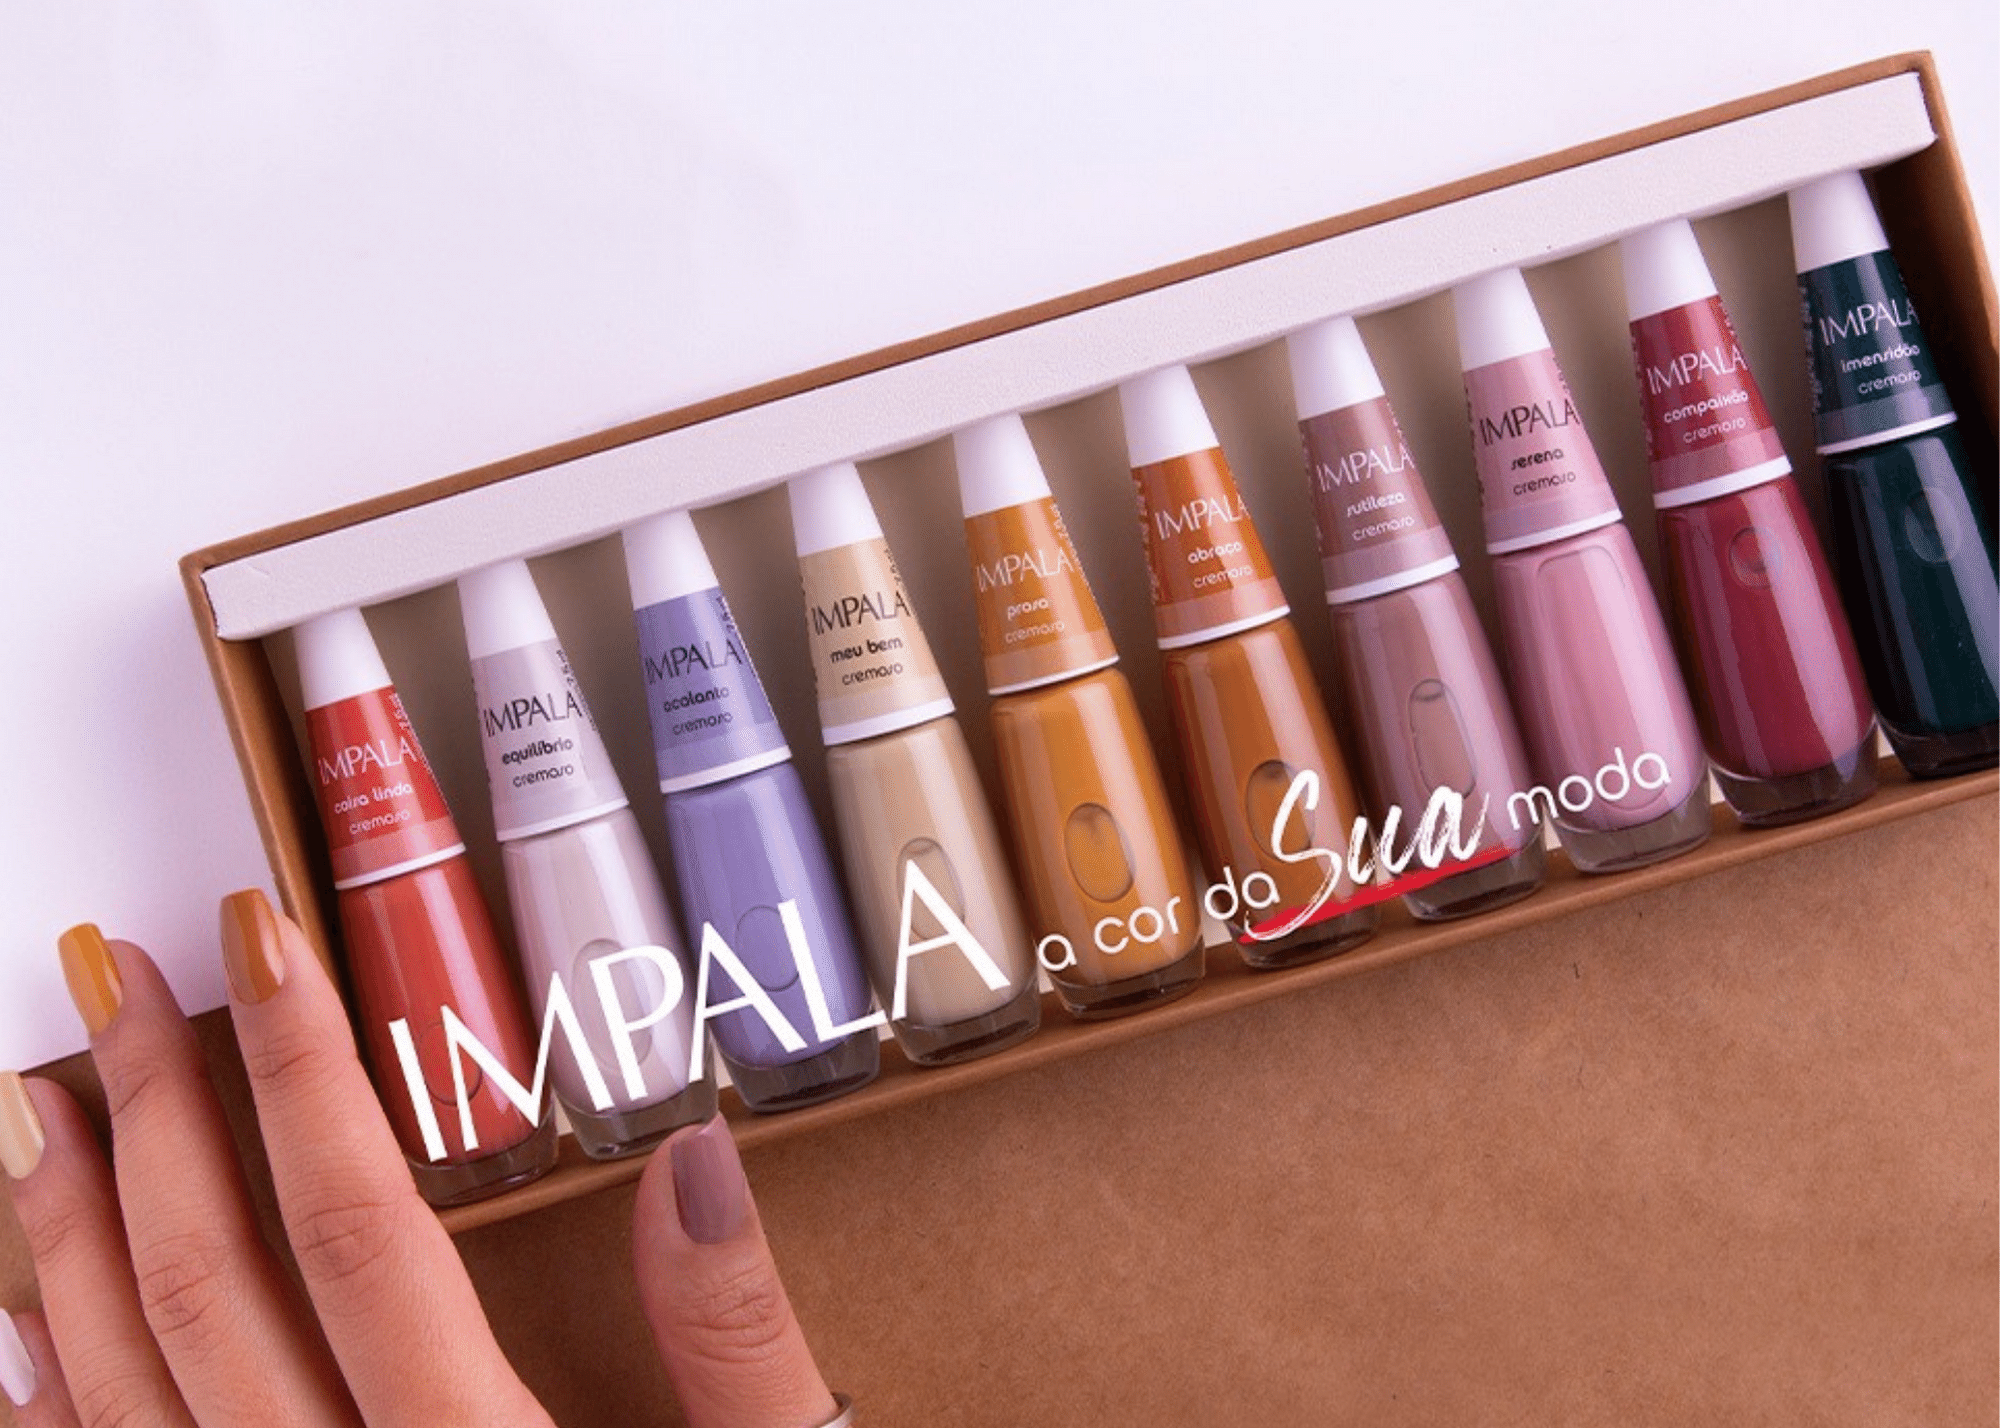 Impala lança 10 novas cores com temática nostálgica e reconfortante